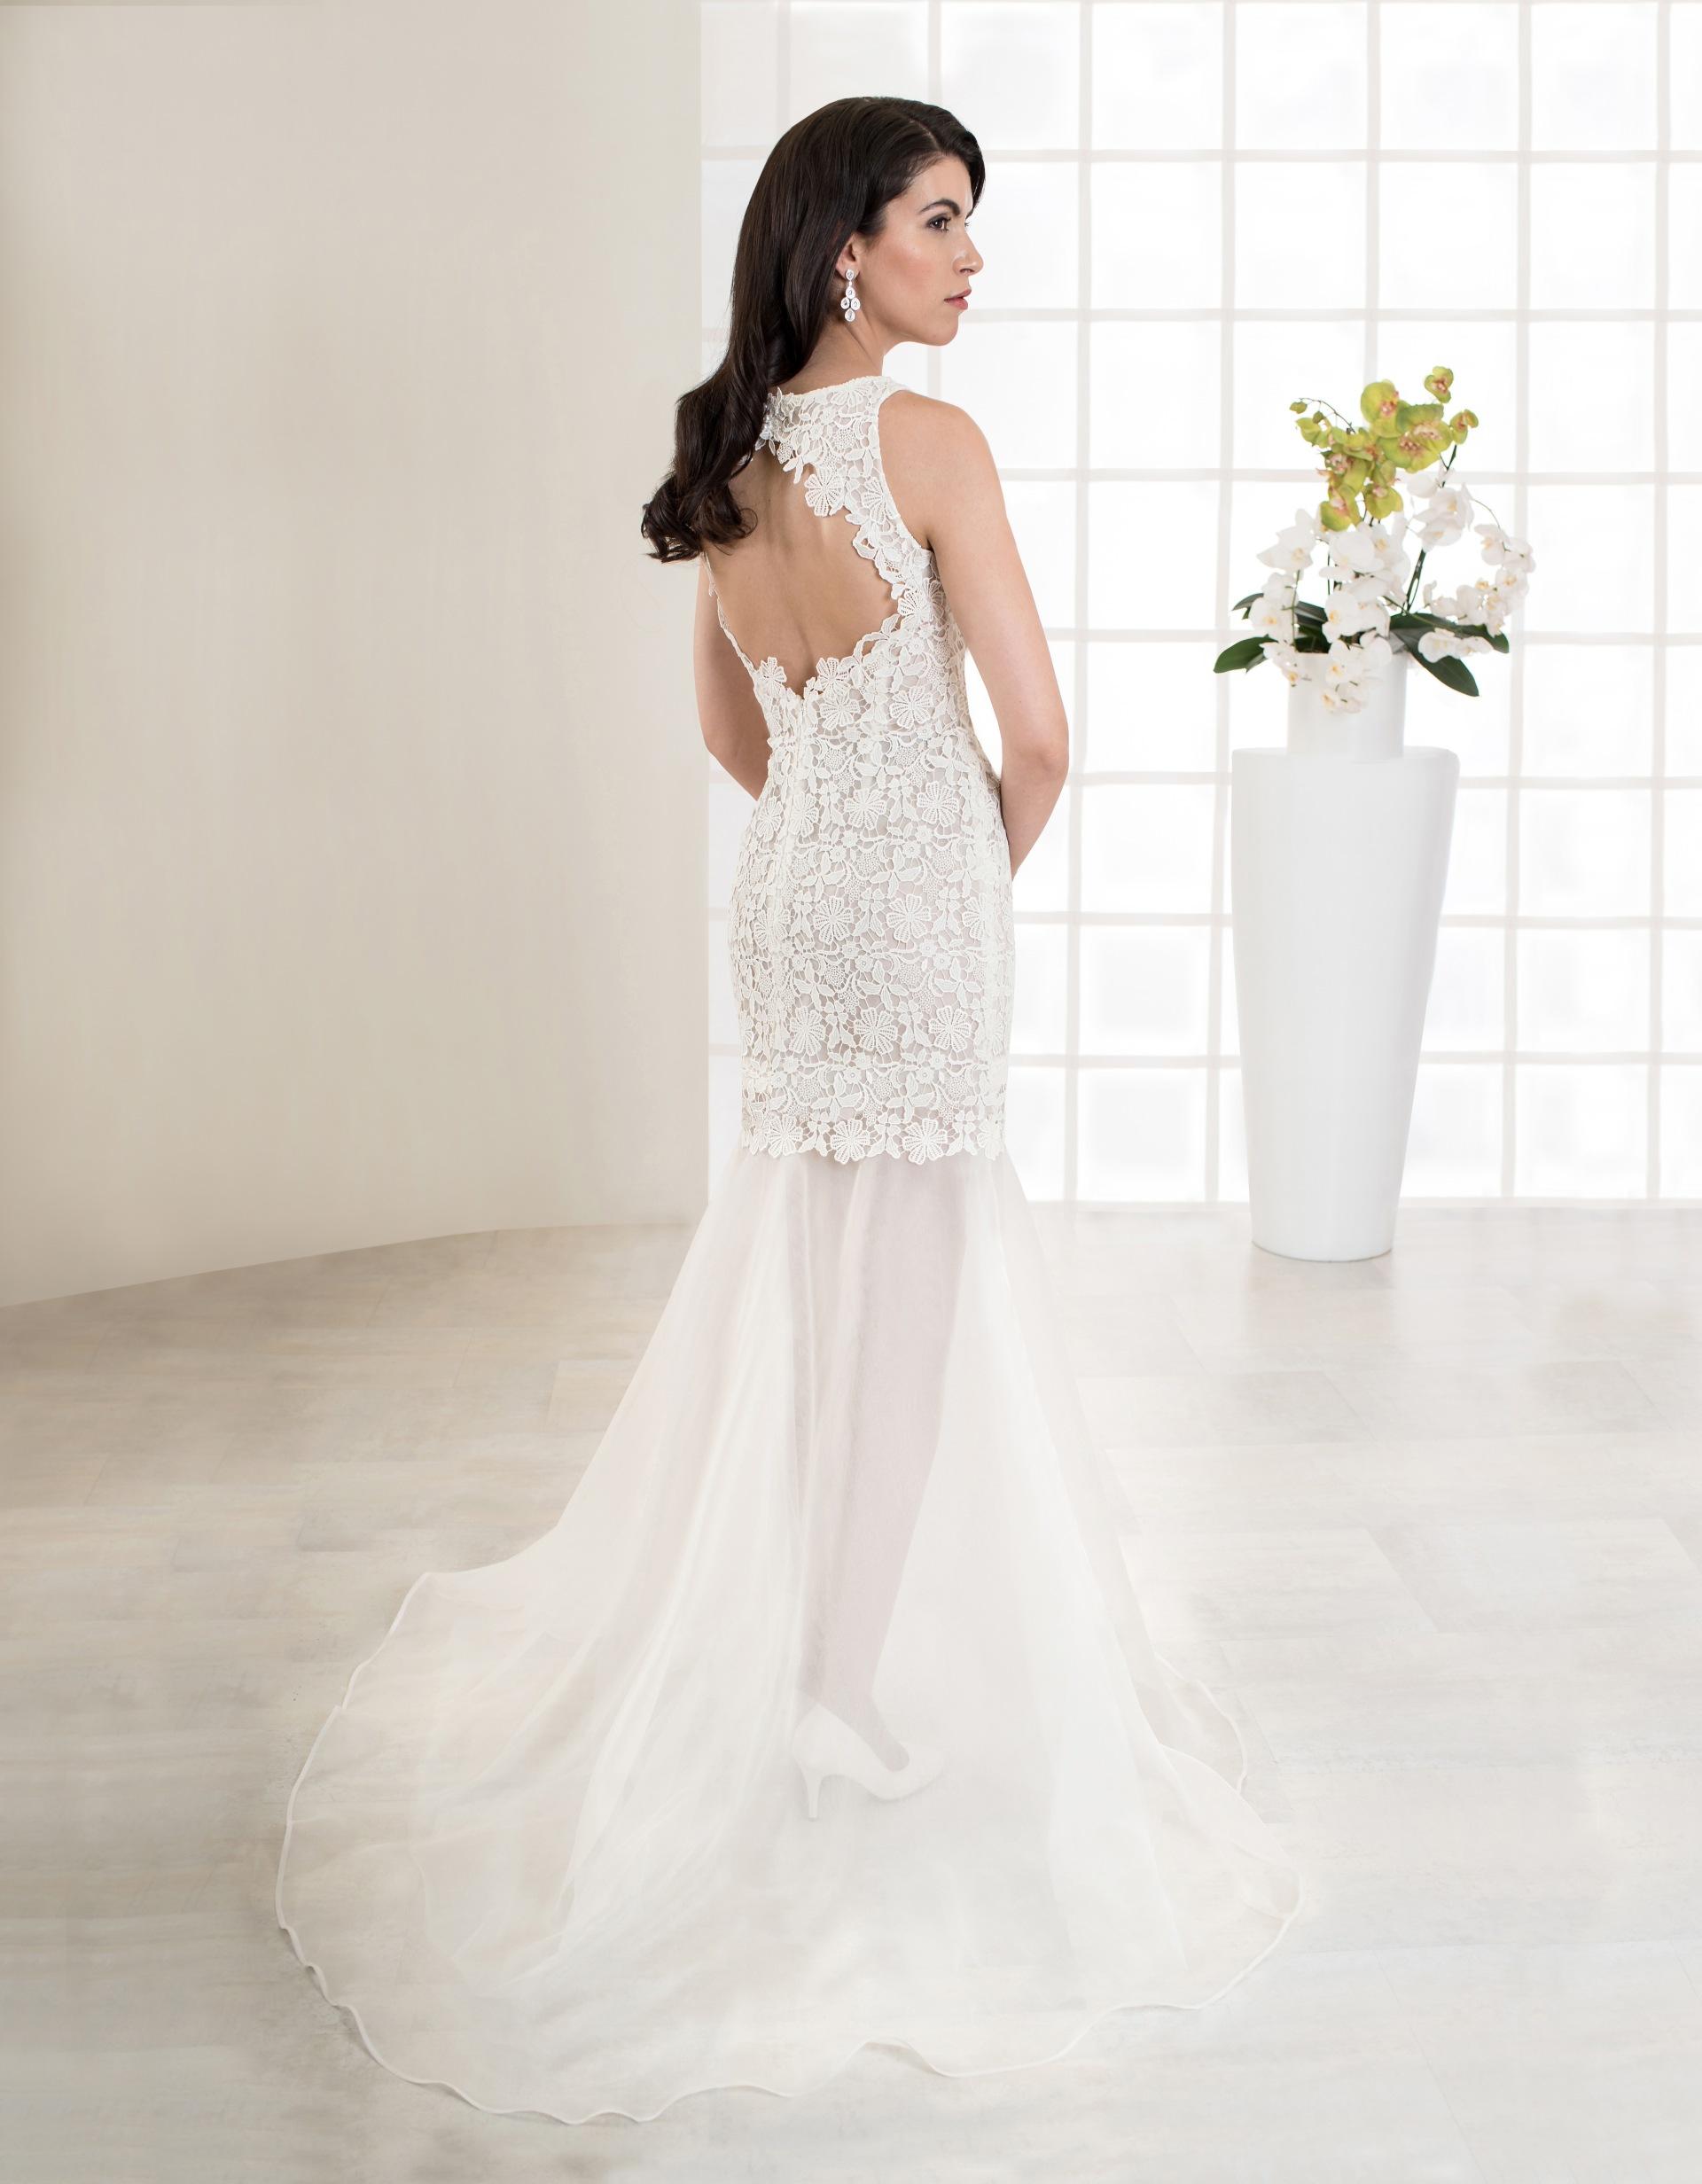 Kurzes Brautkleid aus Spitze mit schmalen Trägern und Rückenausschnitt Rückenansicht